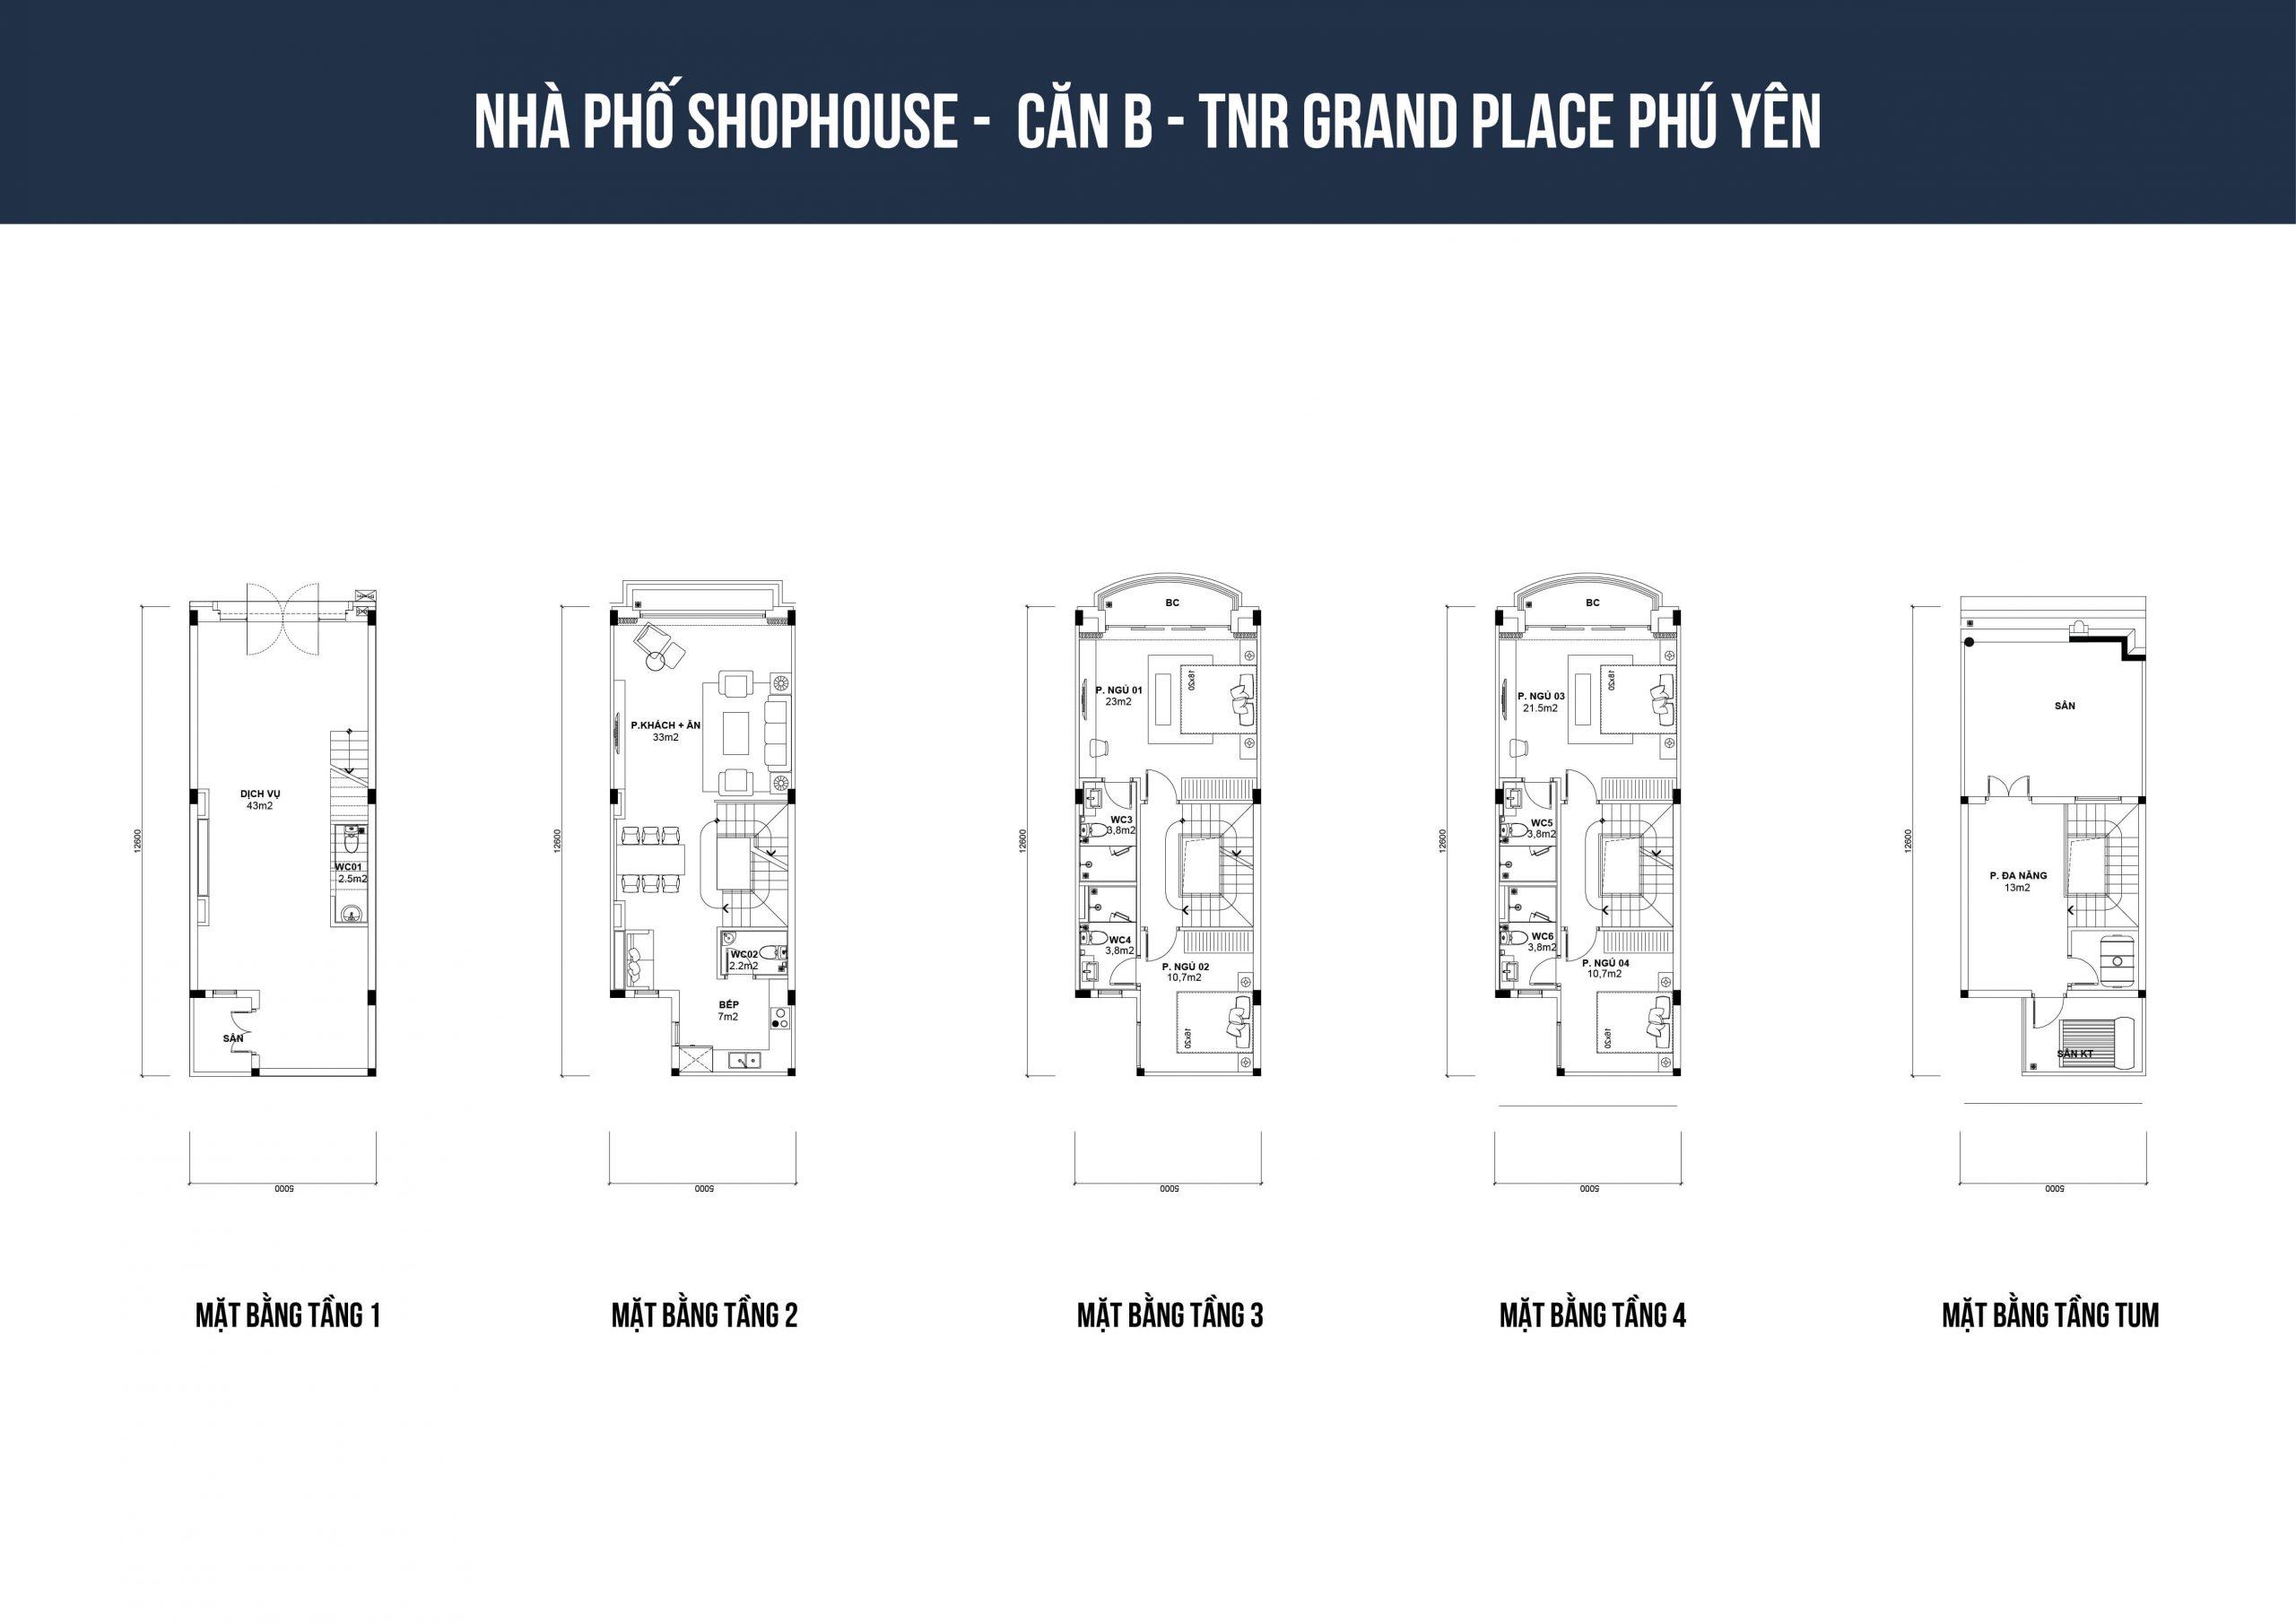 thiết kế shophouse tnr phú yên loại b1